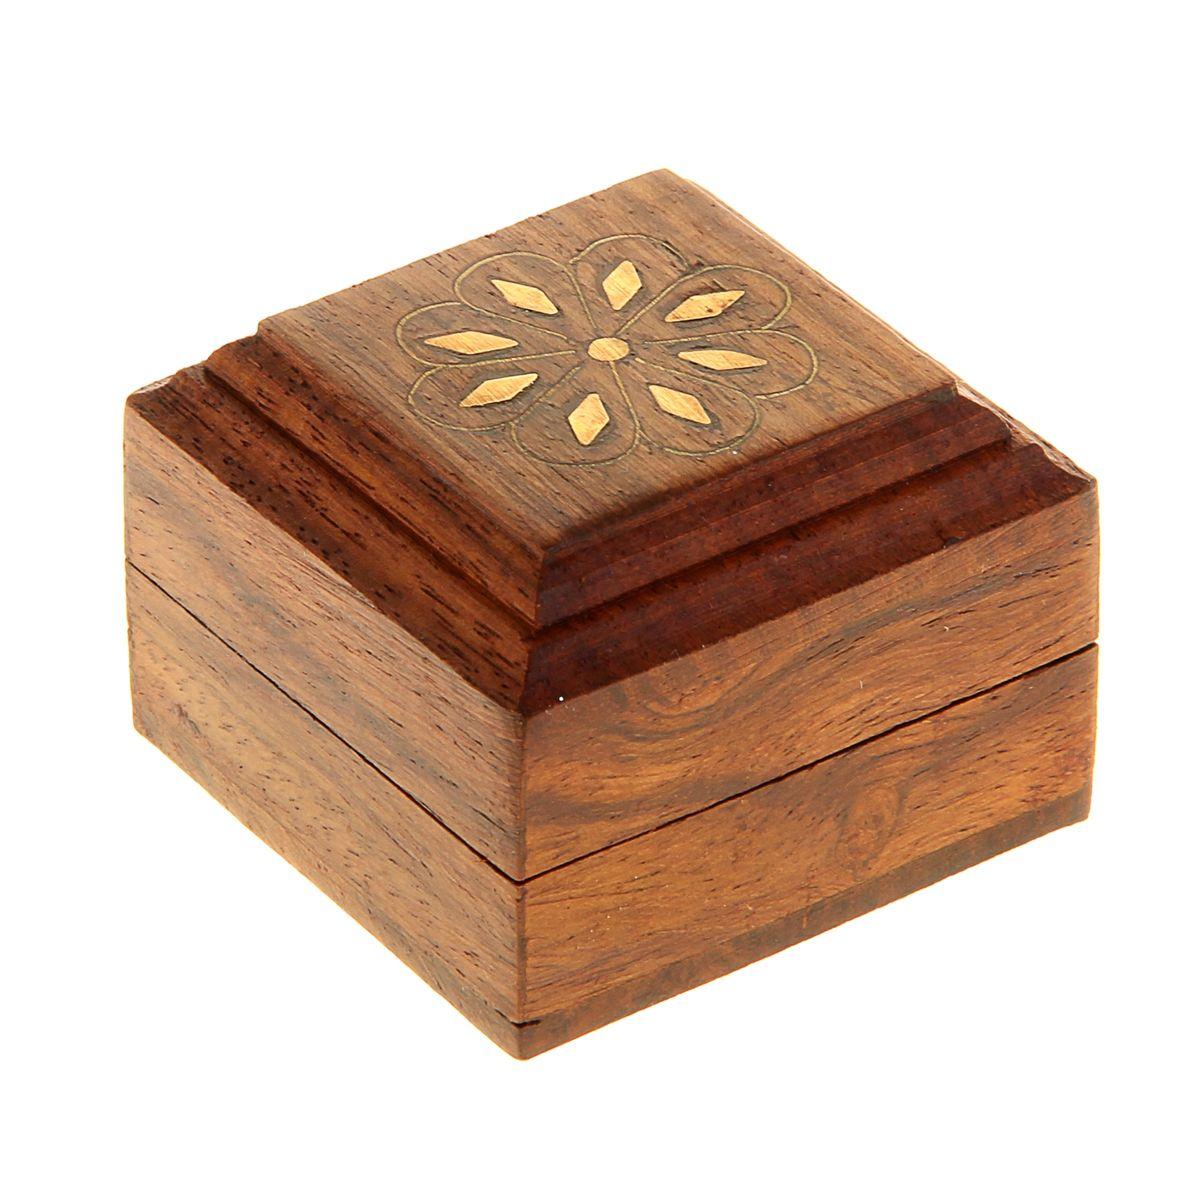 Шкатулка деревянная Ромашка, 5 см х 5 см х 3,5 см. 806428806428Дерево